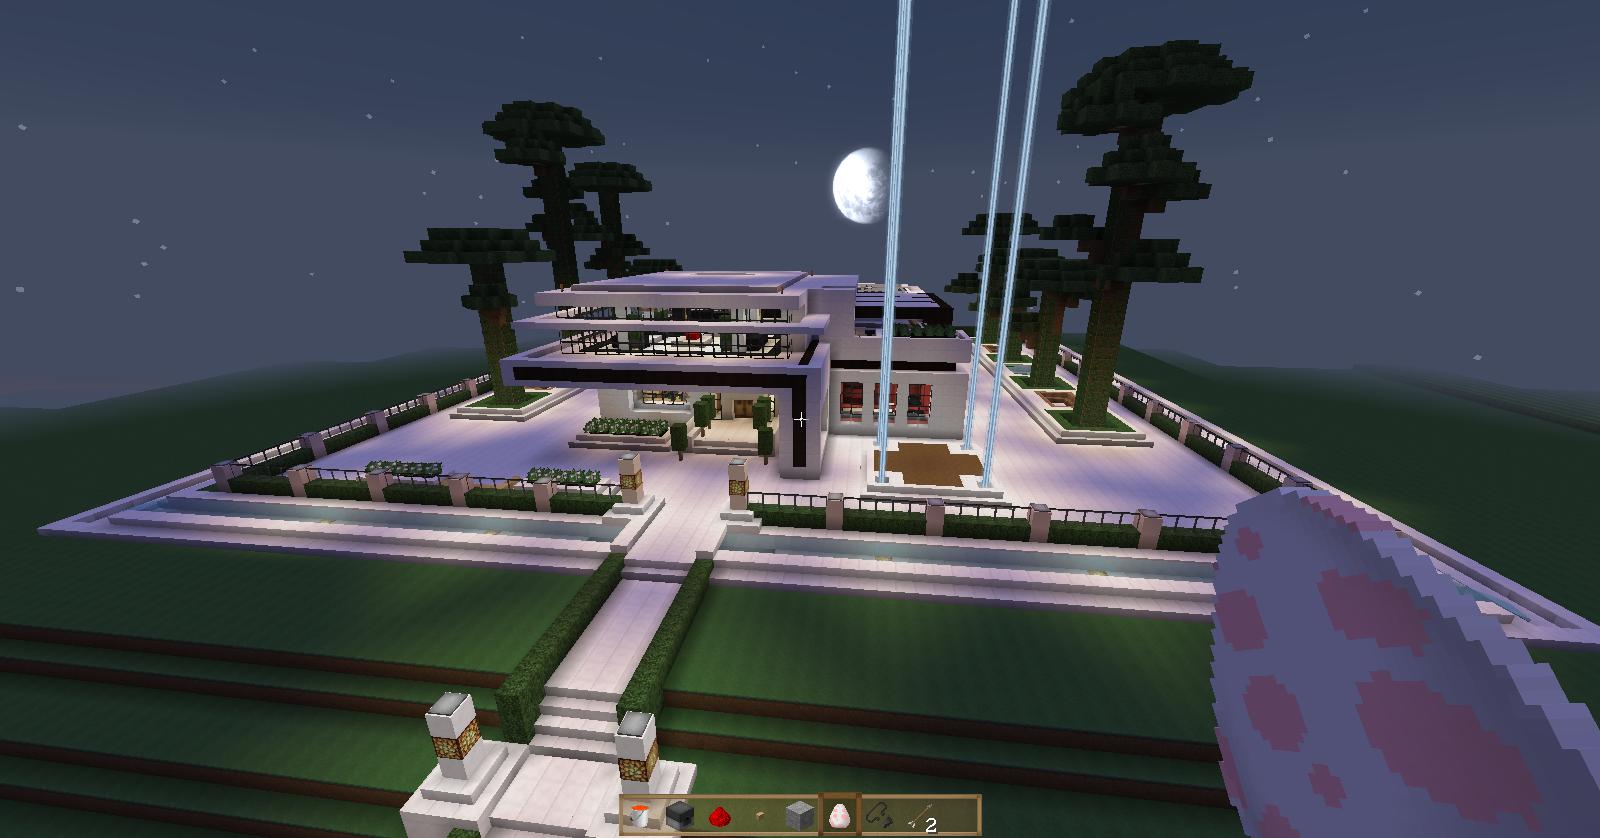 Super casa sue o de cuarzo minecraft schematics for Minecraft casas de lujo